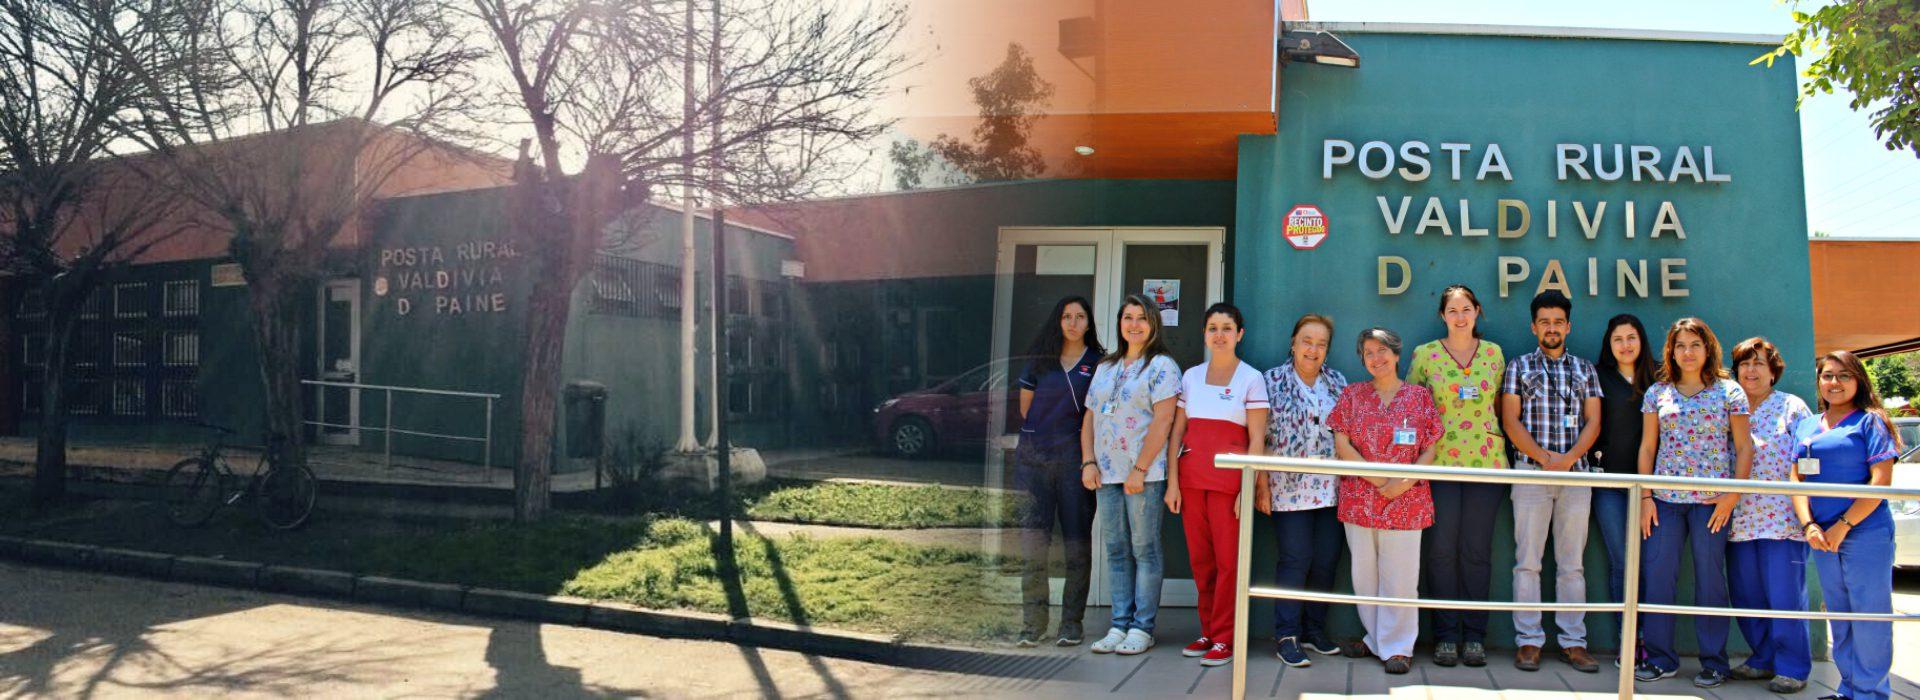 Banner Posta Valdivia de Peine